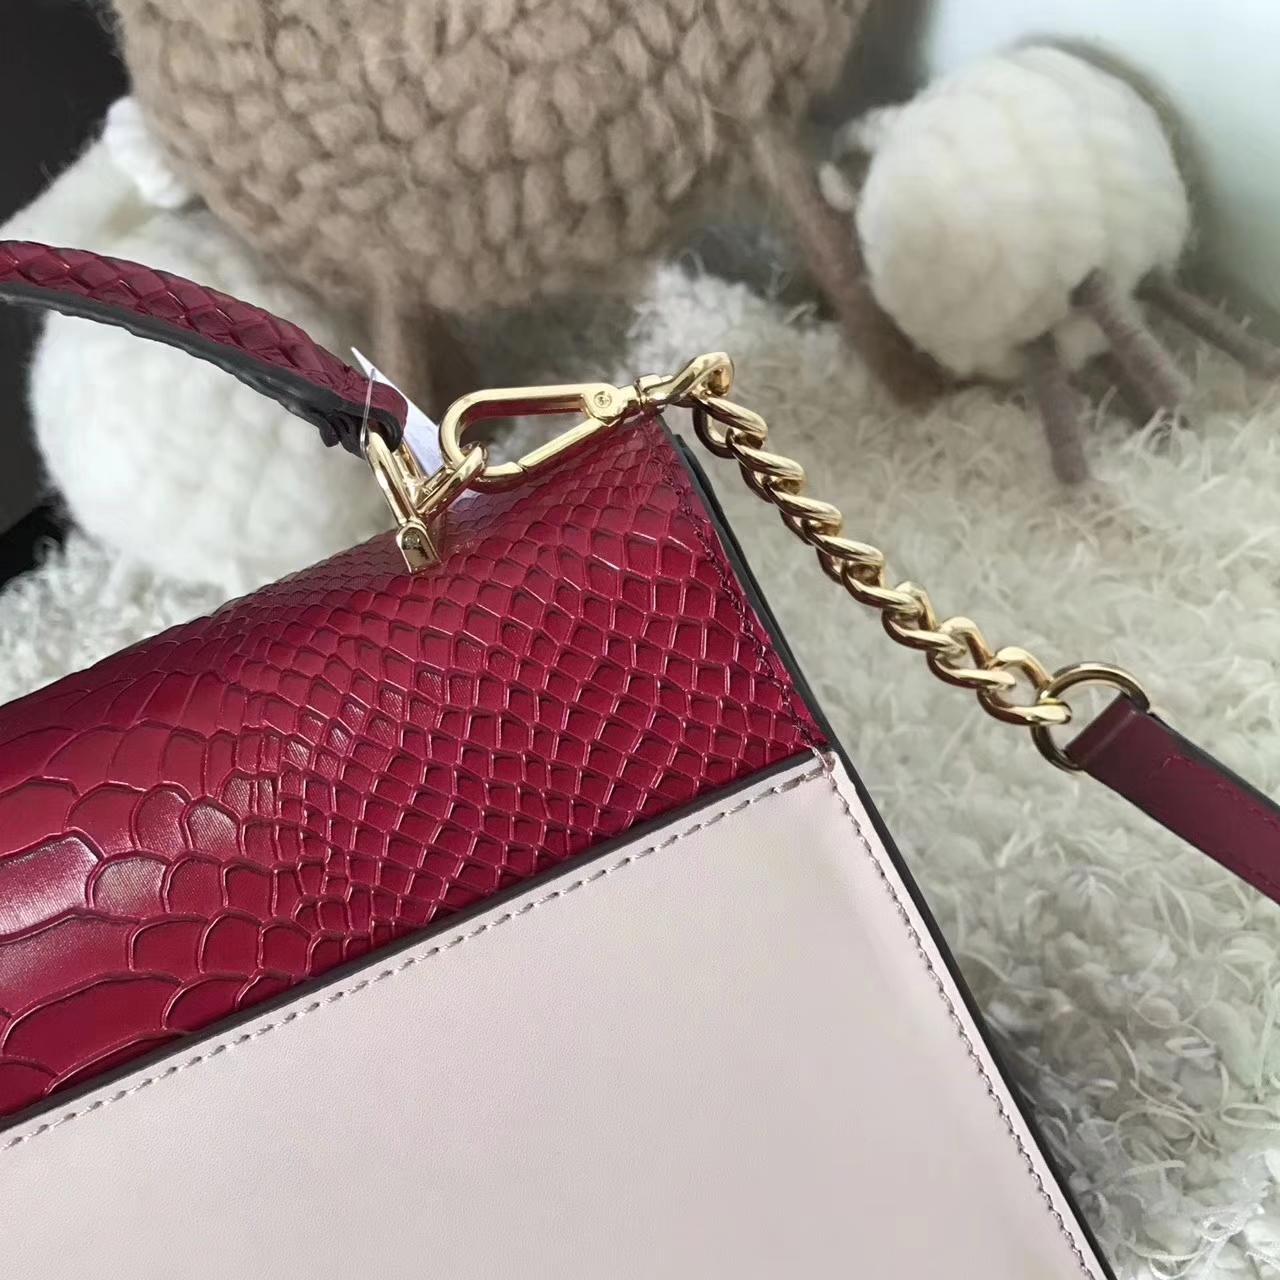 MK2017新款包包 迈克高仕原单纳帕牛皮信封包手提包24CM 粉色拼色